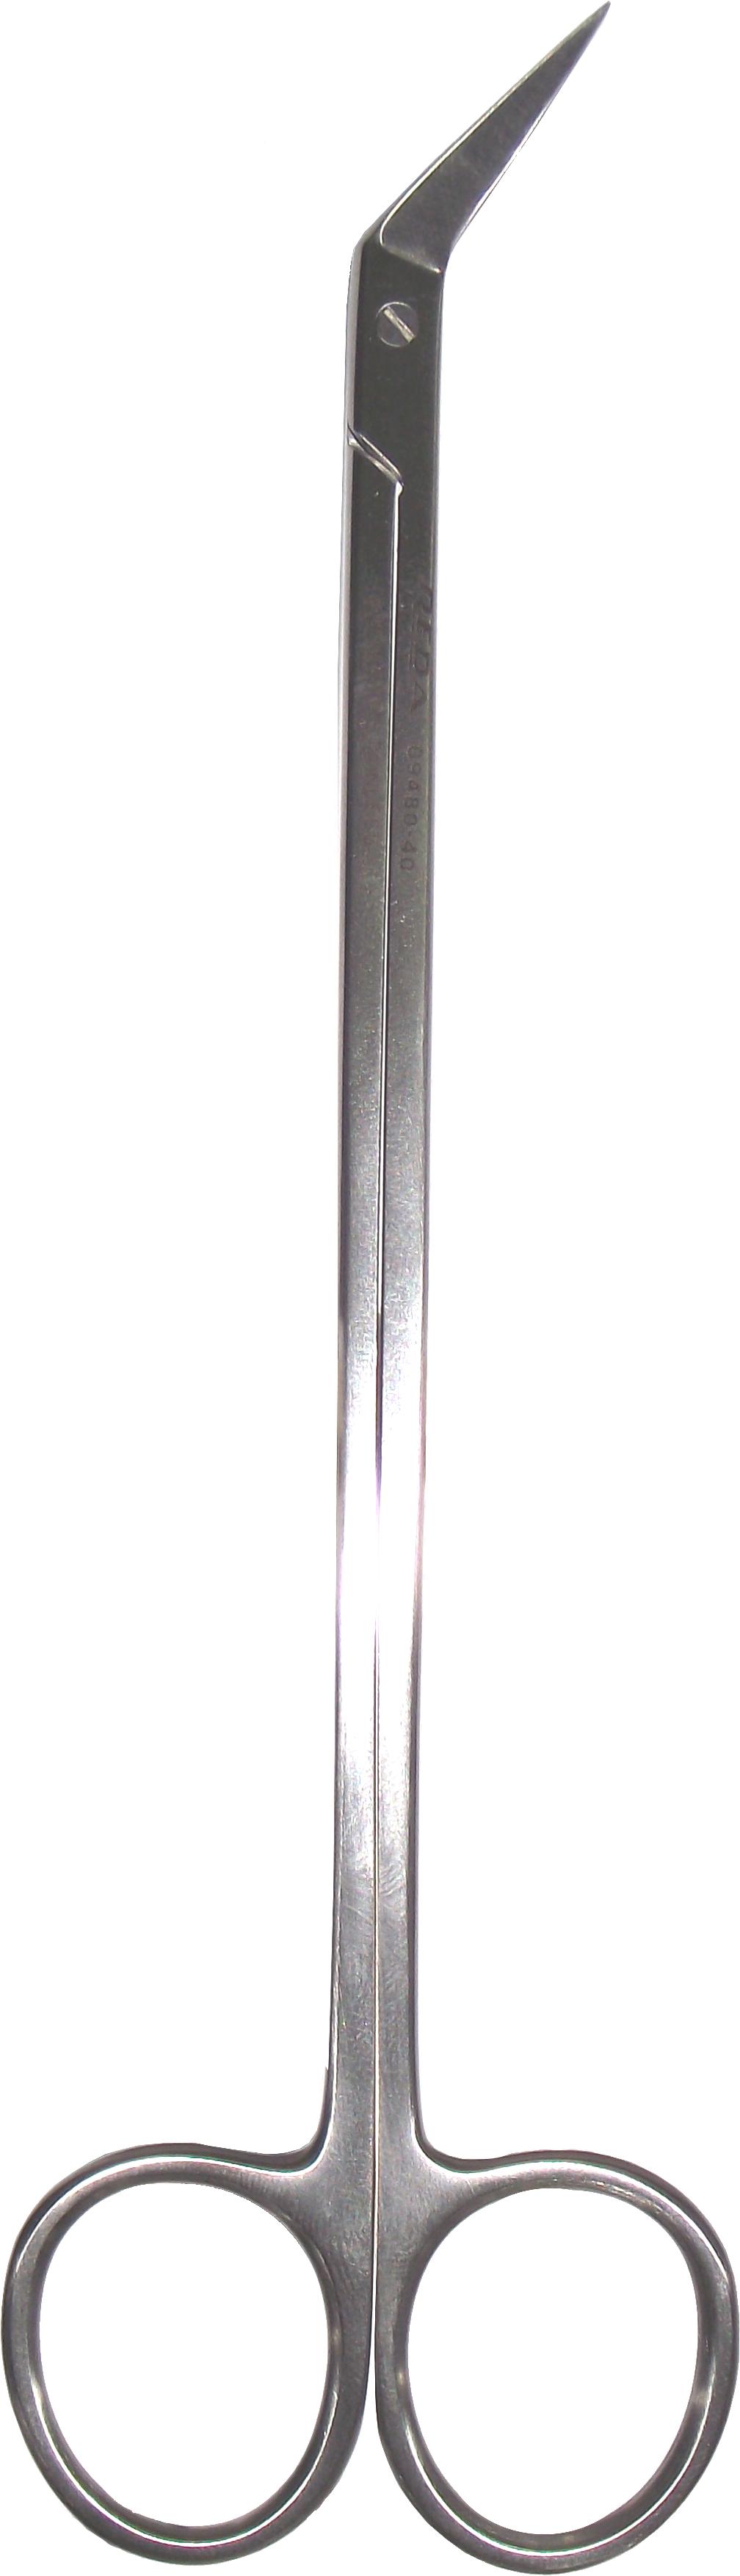 potts-smith-vaskularne-skare-09480-40-2